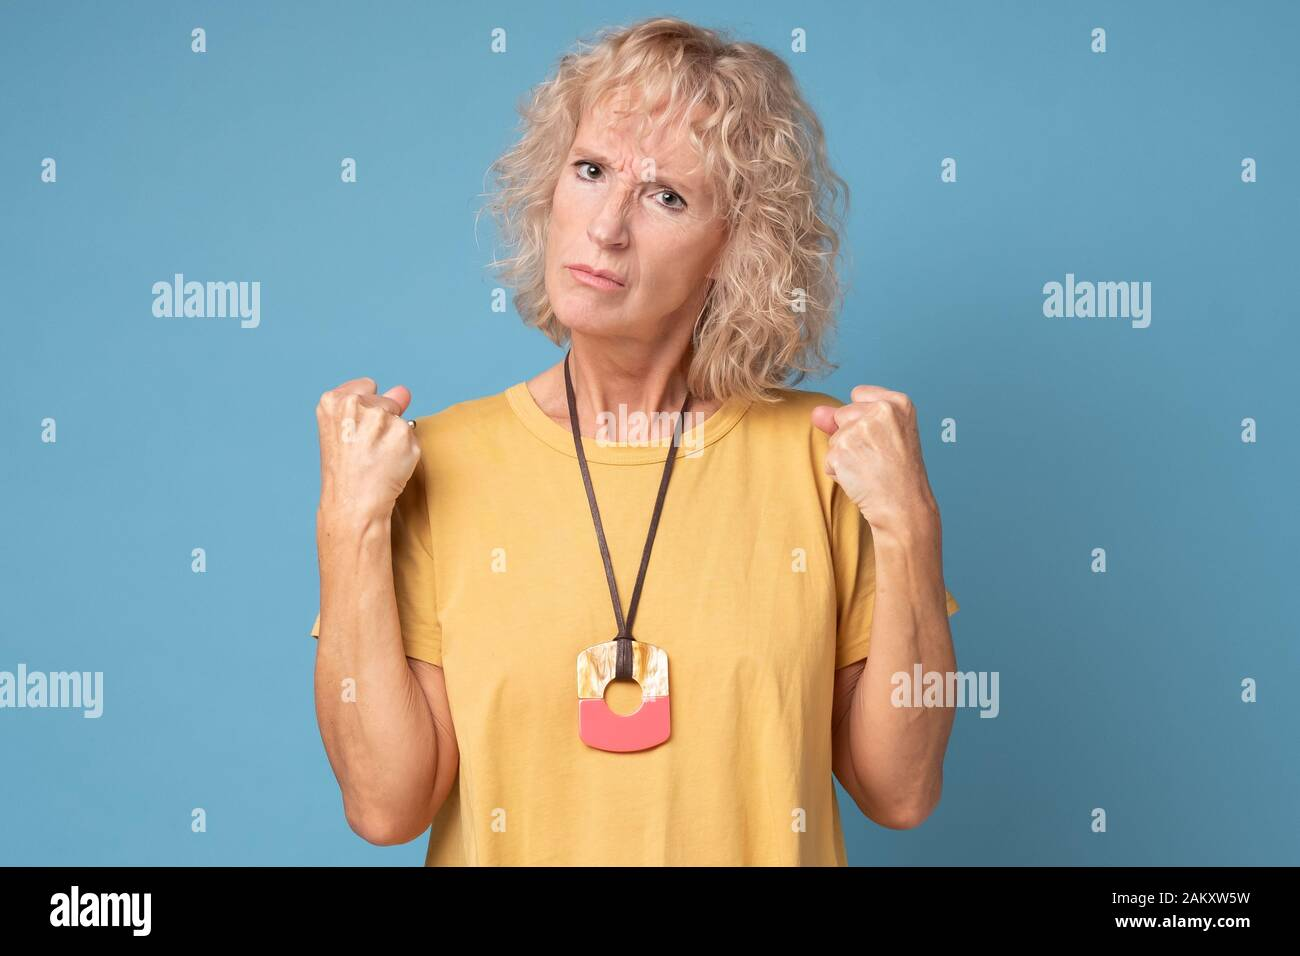 Une vieille femme en colère qui prépare les poings à se défendre sur fond bleu Banque D'Images